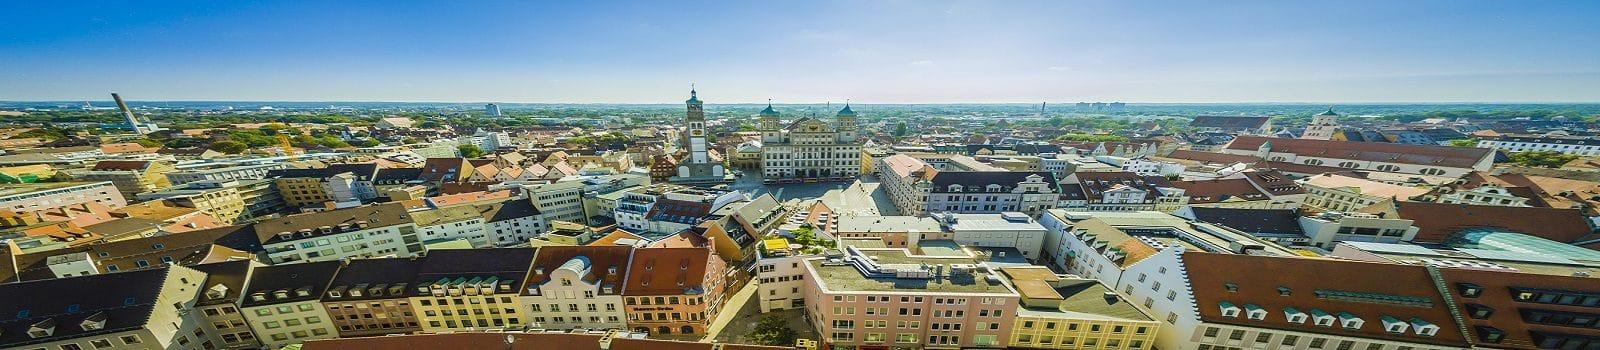 Blick über die Stadt Augsburg mit historischer Innenstadt, Rathaus, Dom und Perlachturm